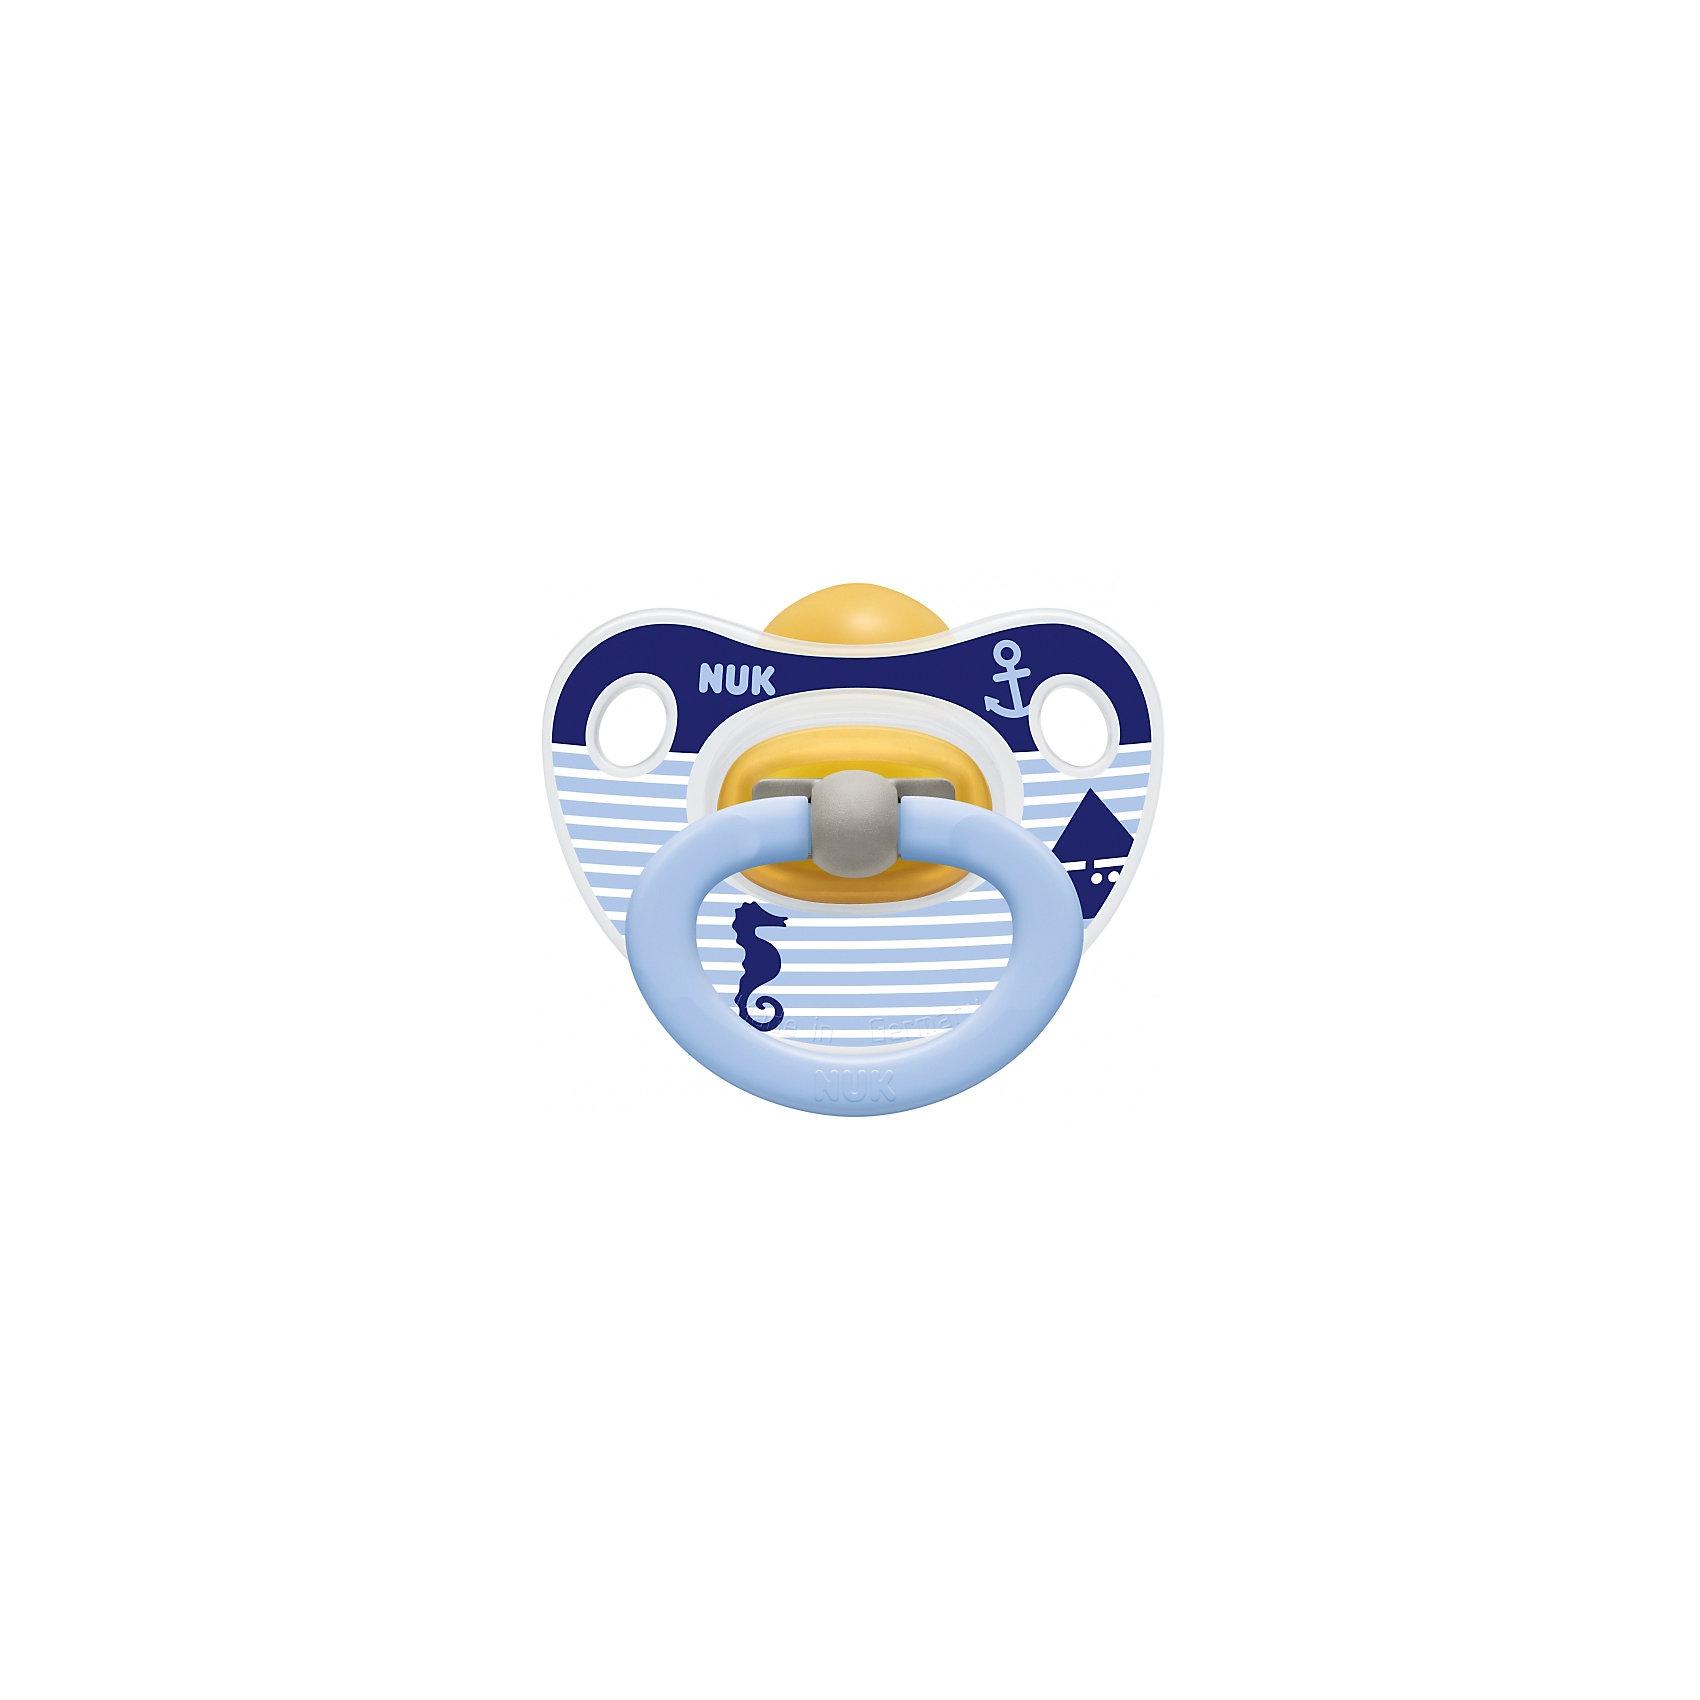 Латексная соска-пустышка HAPPY KIDS Якорь, 0-6 мес., Nuk, белый/синийПустышки и аксессуары<br>Латексная соска-пустышка HAPPY KIDS Якорь, 0-6 мес., Nuk, белый/синий<br><br>Характеристики:<br><br>• В набор входит: 1 пустышка<br>• Состав: латекс<br>• Особенности: натуральный мягкий материал, легкий запах и привкус<br>• Для детей в возрасте от 0 до 6 месяцев<br>• Страна производитель: Германия<br><br>Яркая соска-пустышка от немецкой компании, специализирующейся на производстве качественных товаров для детей и мам NUK (Нук) принесёт много радости малышу и его родителям. <br><br>Пустышка удобно ложится в ротик, система выпуска воздуха не позволяет крохе заглатывать воздух, предотвращая появление коликов. Ортодонтическое строение соски серии classic поможет правильному развитию челюсти, прикуса малыша и одобрена стоматологами. Удобная форма загубника не мешает крохе и снабжена двумя вентилируемыми отверстиями. <br><br>Пустышка оснащена кольцом и может быть соединены с цепочками для сосок-пустышек NUK (Нук). Яркие рисунки с морской тематикой придут по вкусу маленькому искателю приключений и поддержат его настроение в течение всего дня. Почувствуйте бережную заботу с пустышками NUK (Нук)!<br><br>Латексную соску-пустышку HAPPY KIDS Якорь, 0-6 мес., Nuk, белый/синий можно купить в нашем интернет-магазине.<br><br>Ширина мм: 92<br>Глубина мм: 9999<br>Высота мм: 173<br>Вес г: 24<br>Возраст от месяцев: 0<br>Возраст до месяцев: 6<br>Пол: Мужской<br>Возраст: Детский<br>SKU: 5405134